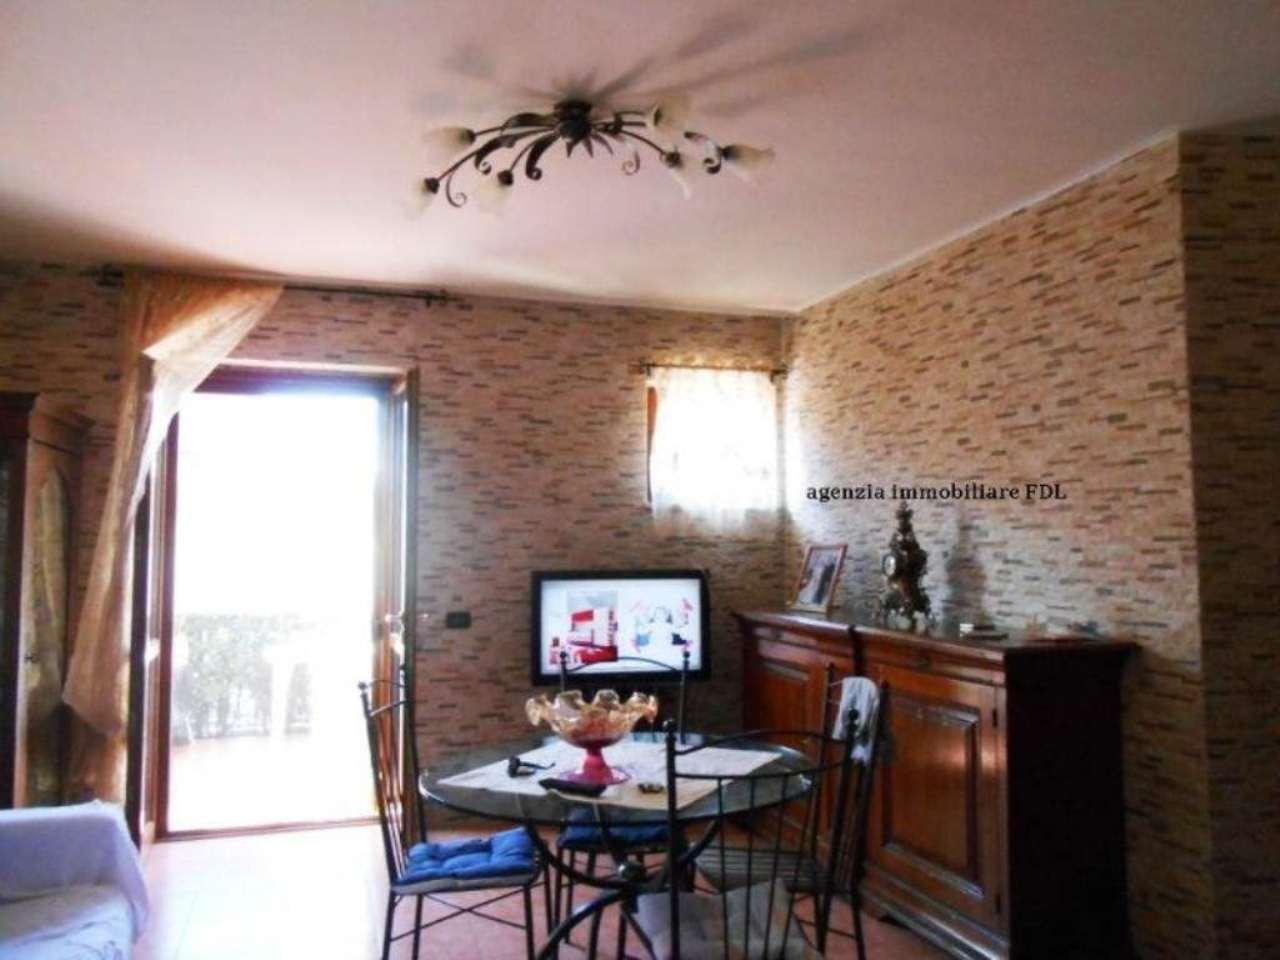 Appartamento in vendita a Casciana Terme Lari, 4 locali, prezzo € 135.000 | PortaleAgenzieImmobiliari.it